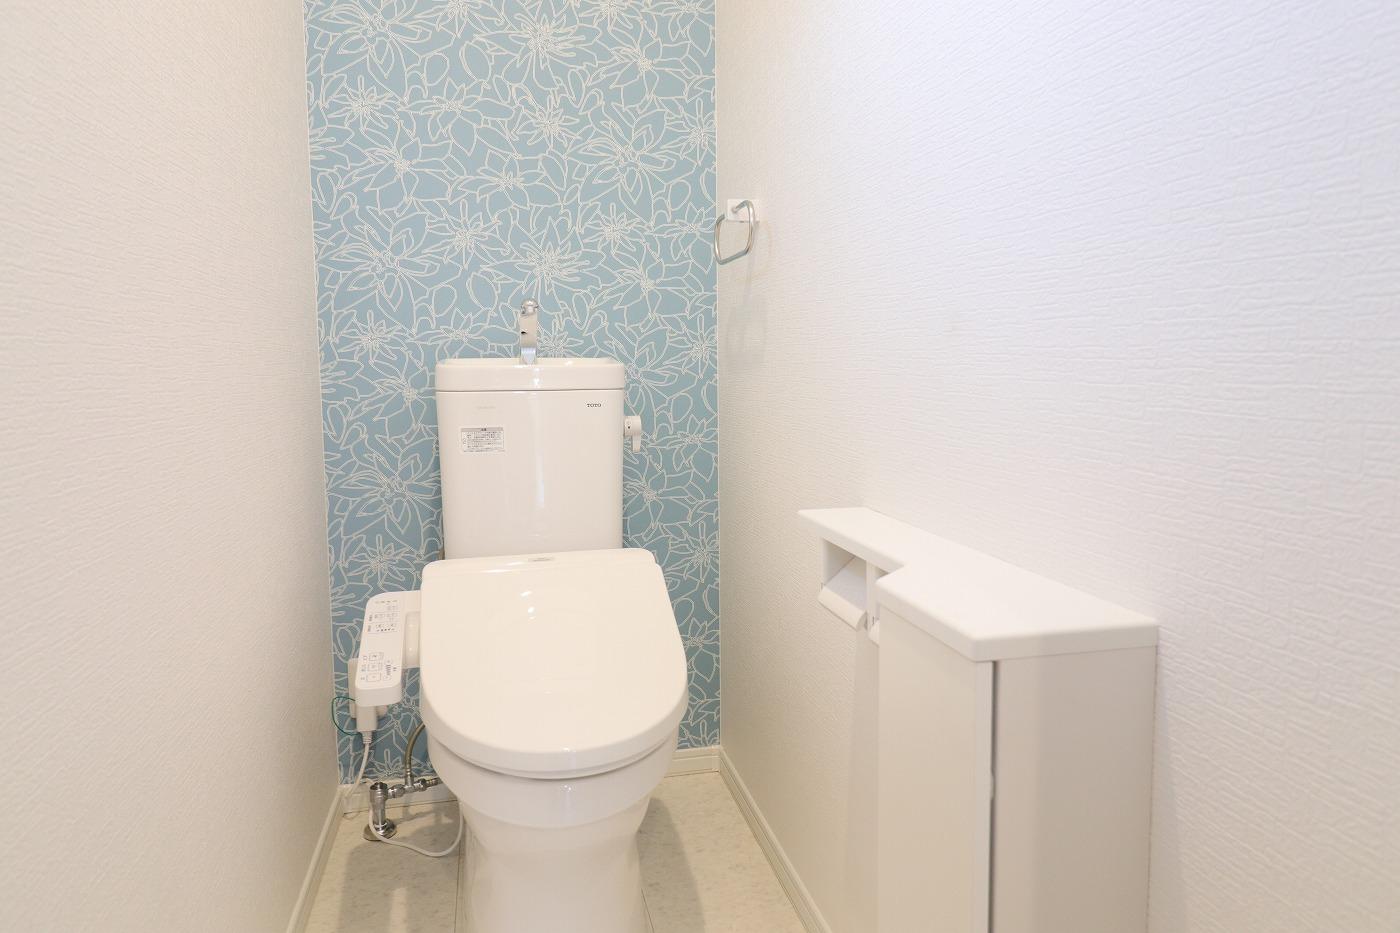 高松市木太町新築分譲建売住宅のトイレ